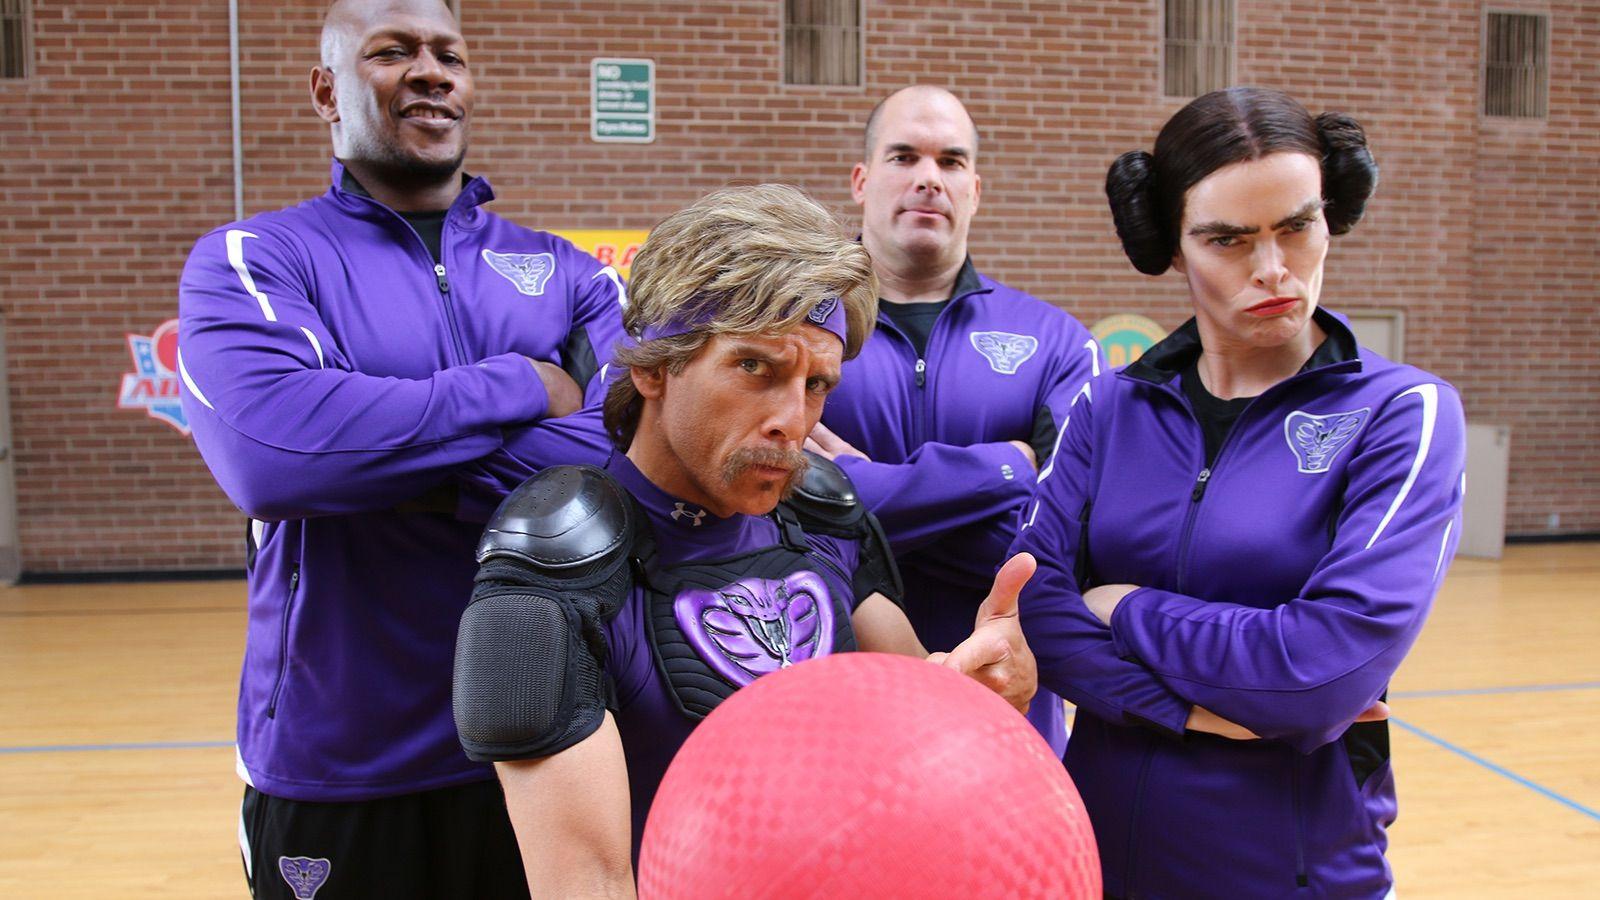 Join Ben Stiller for the Most Epic Game of Dodgeball Ever